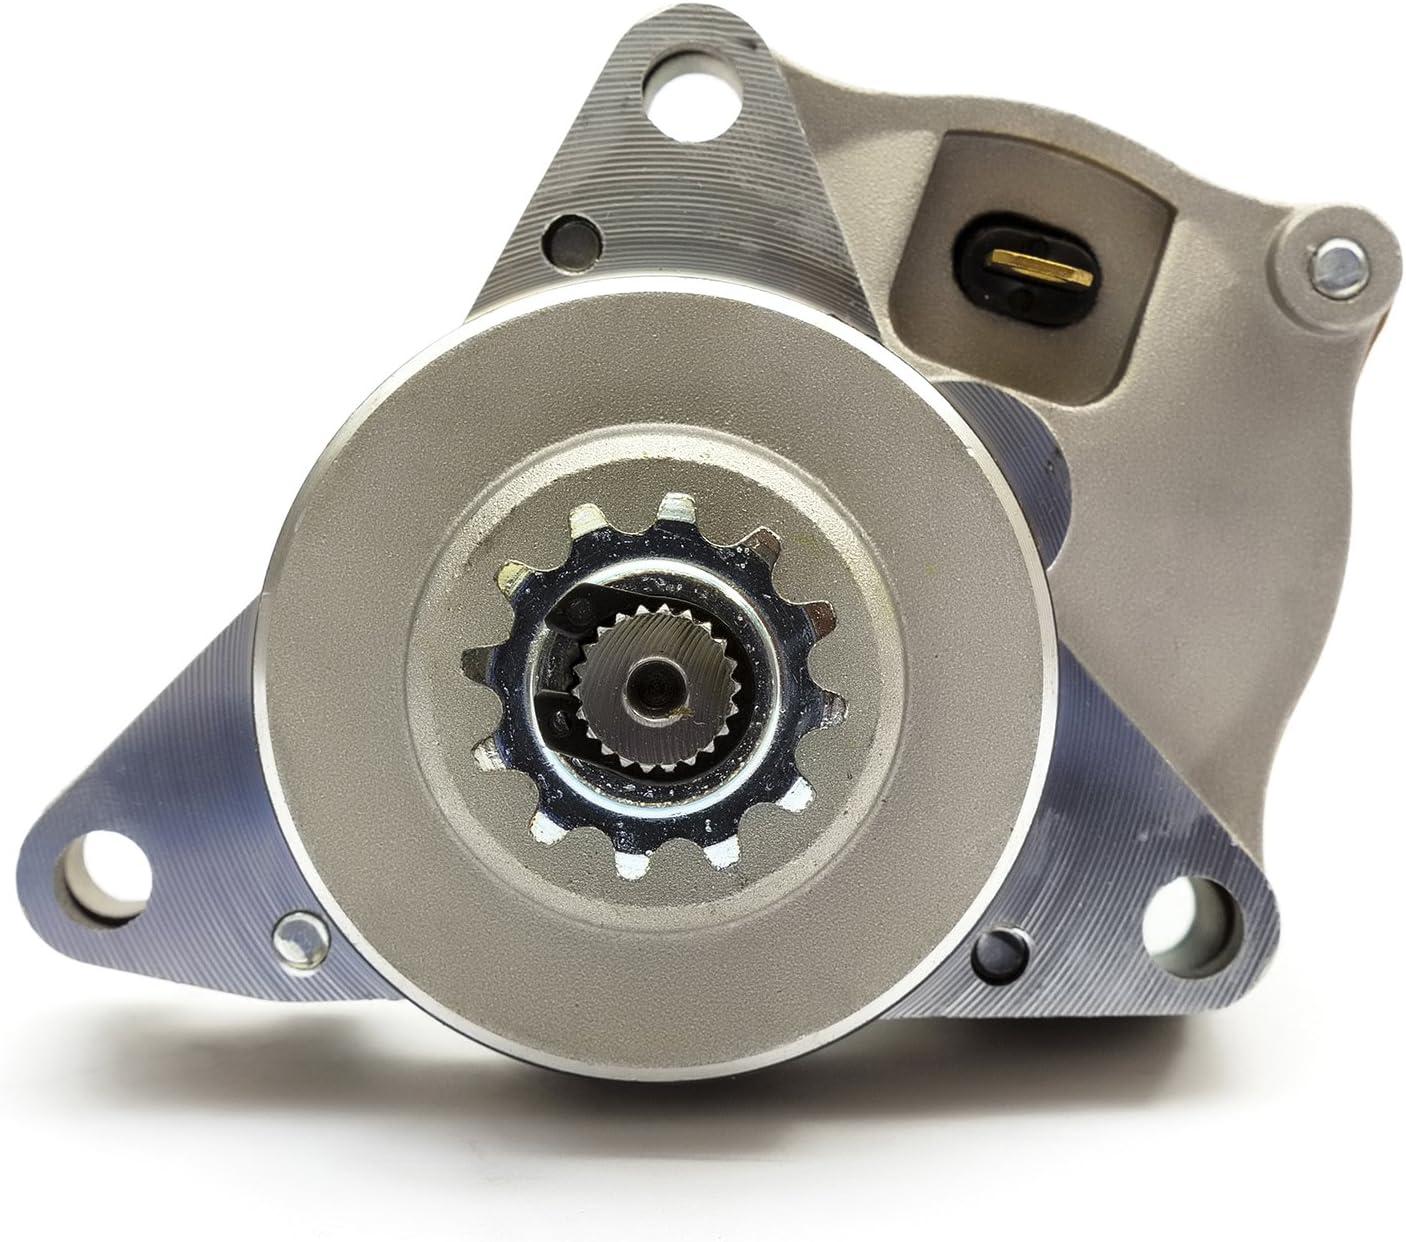 Kit de d/émarrage moteur Kazuma 50/cc suricate